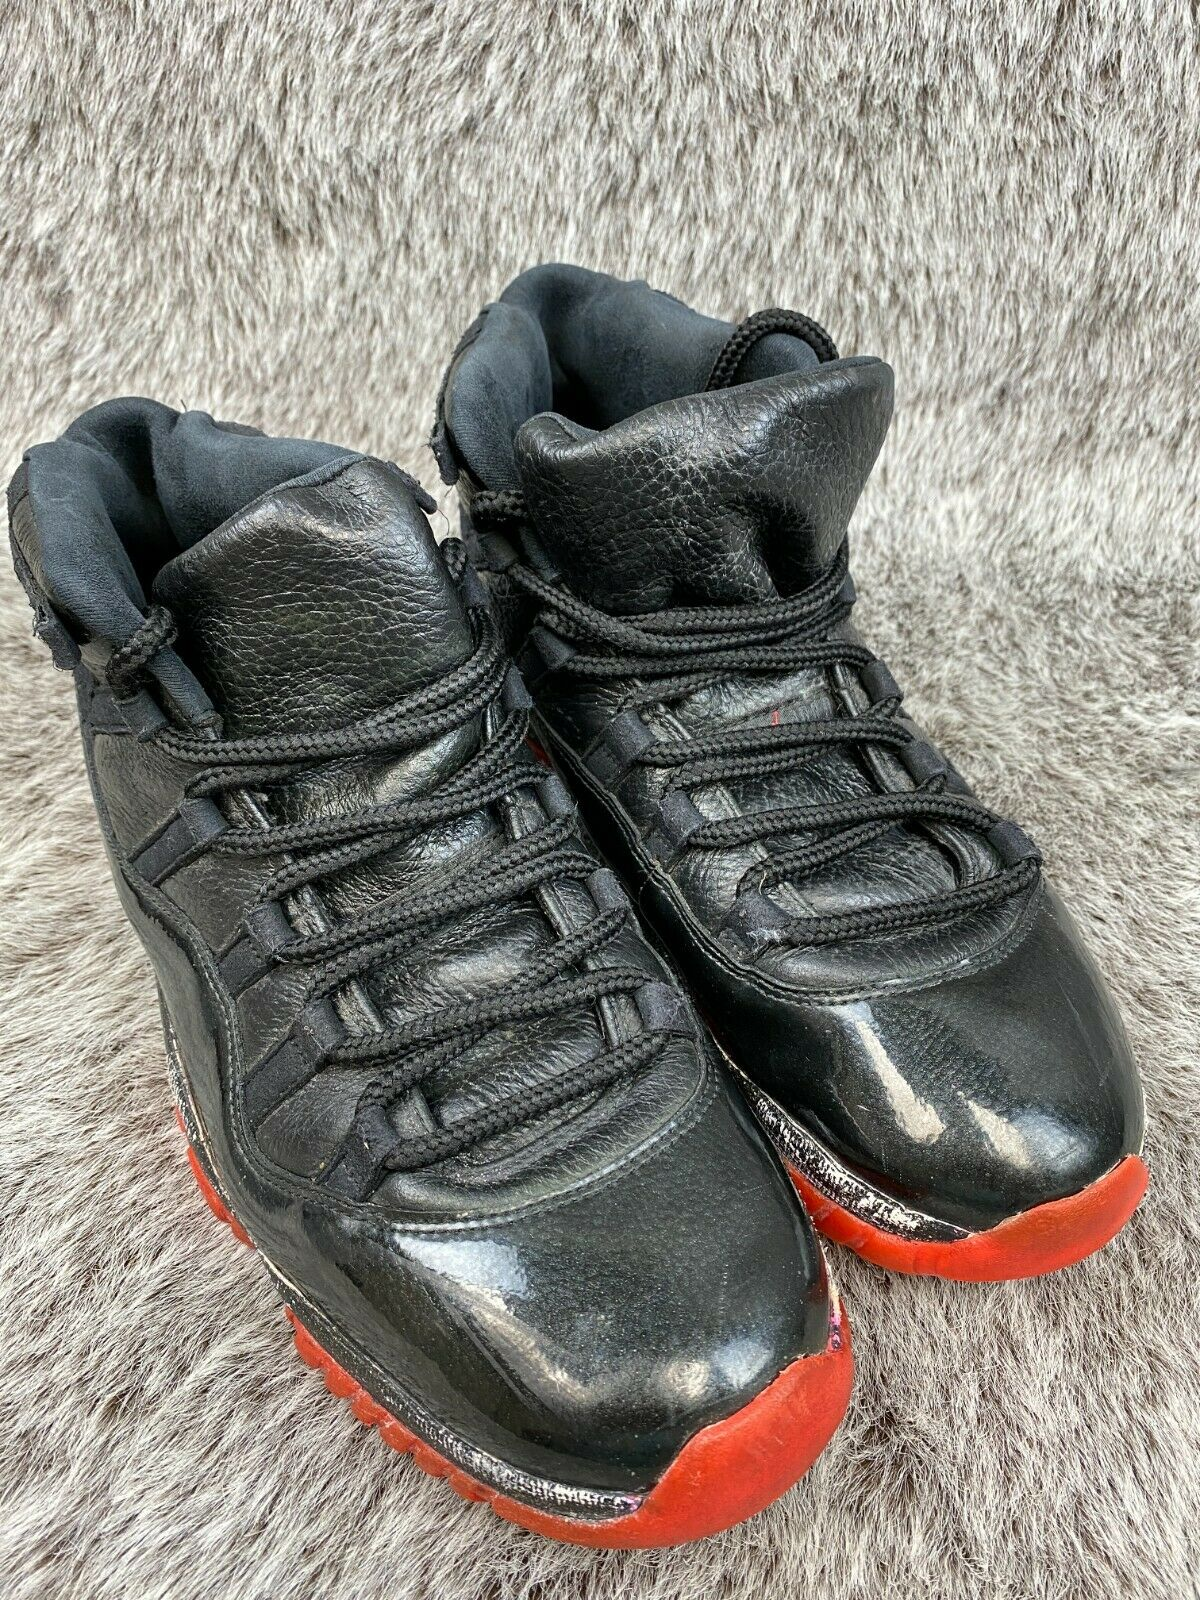 Nike Air Jordan Retro 11 Xi 378037-002